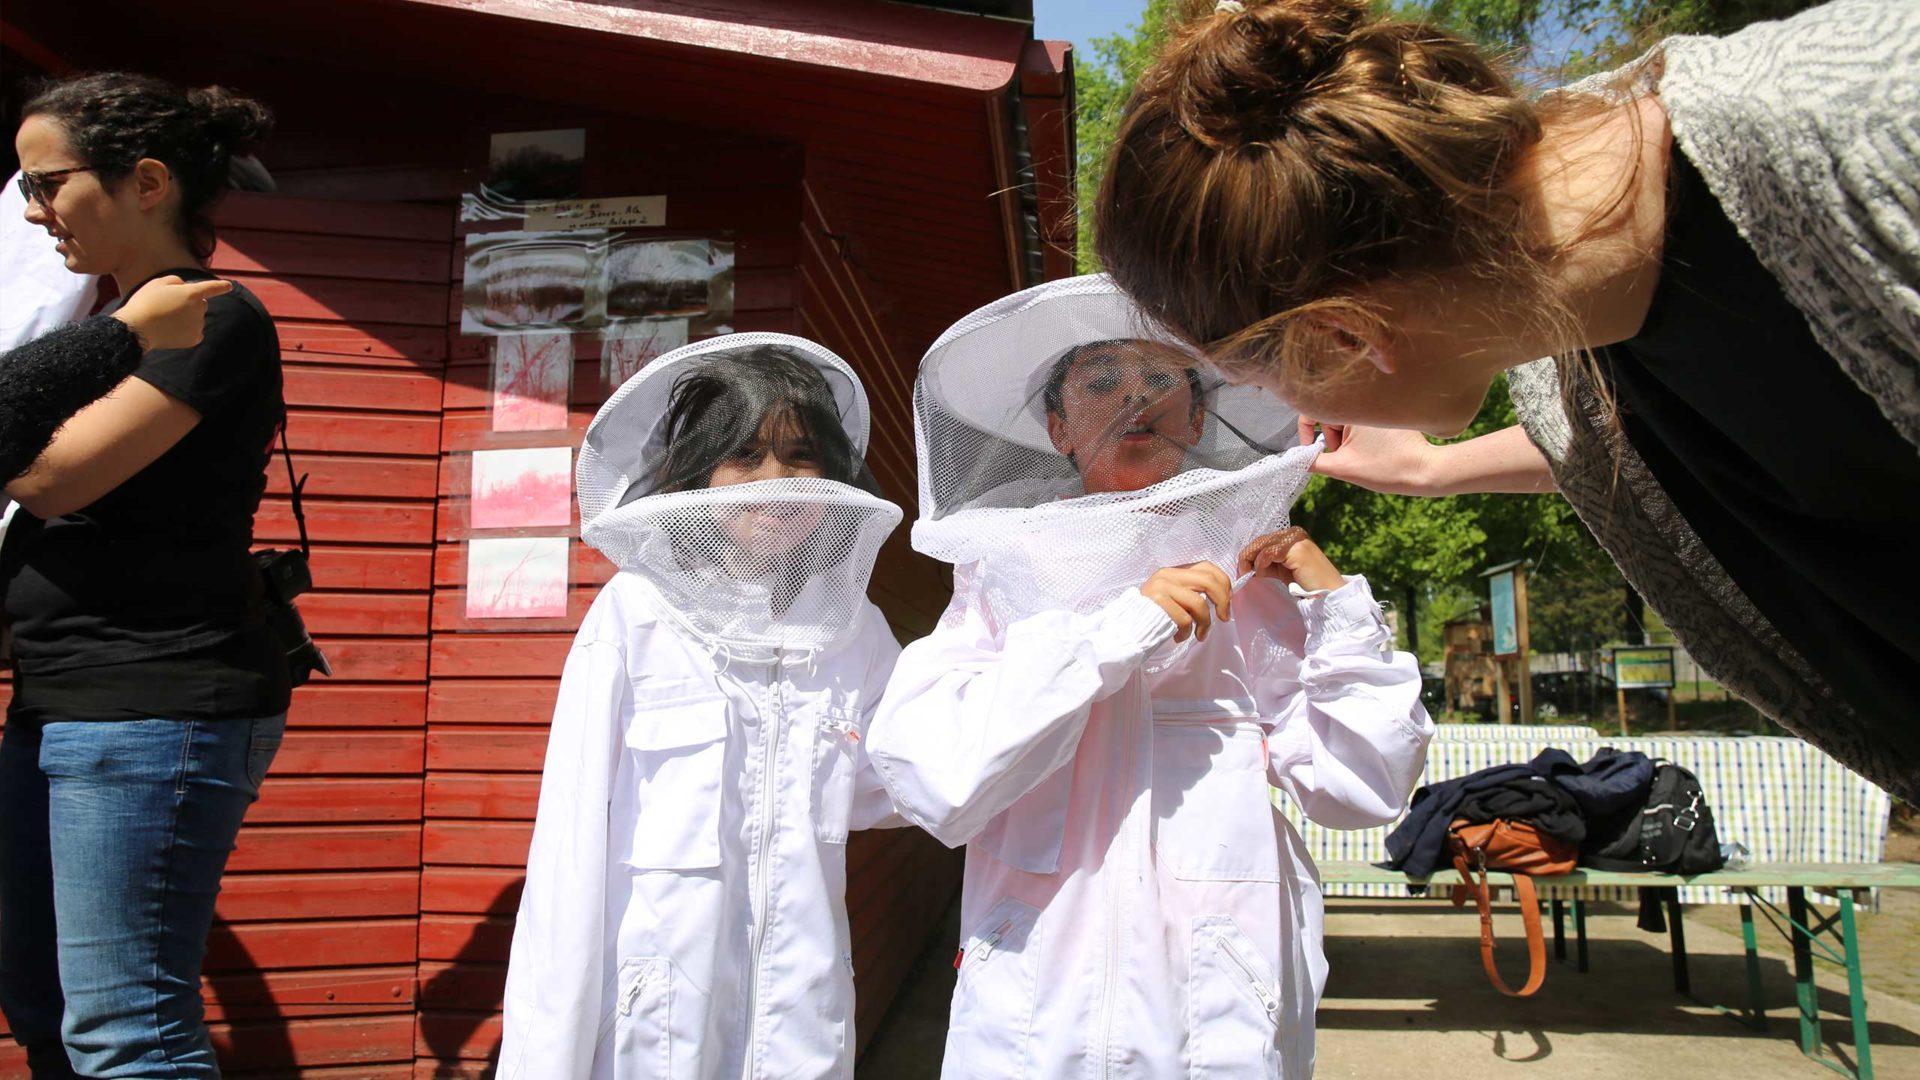 Aktion Mahlzeit bei den Imkern. Die Kinder dürfen in echte Imkeranzüge anziehen und kommen ganz nah an die Bienen heran. Anprobe der Anzüge. Ist auch sicher alles dicht?